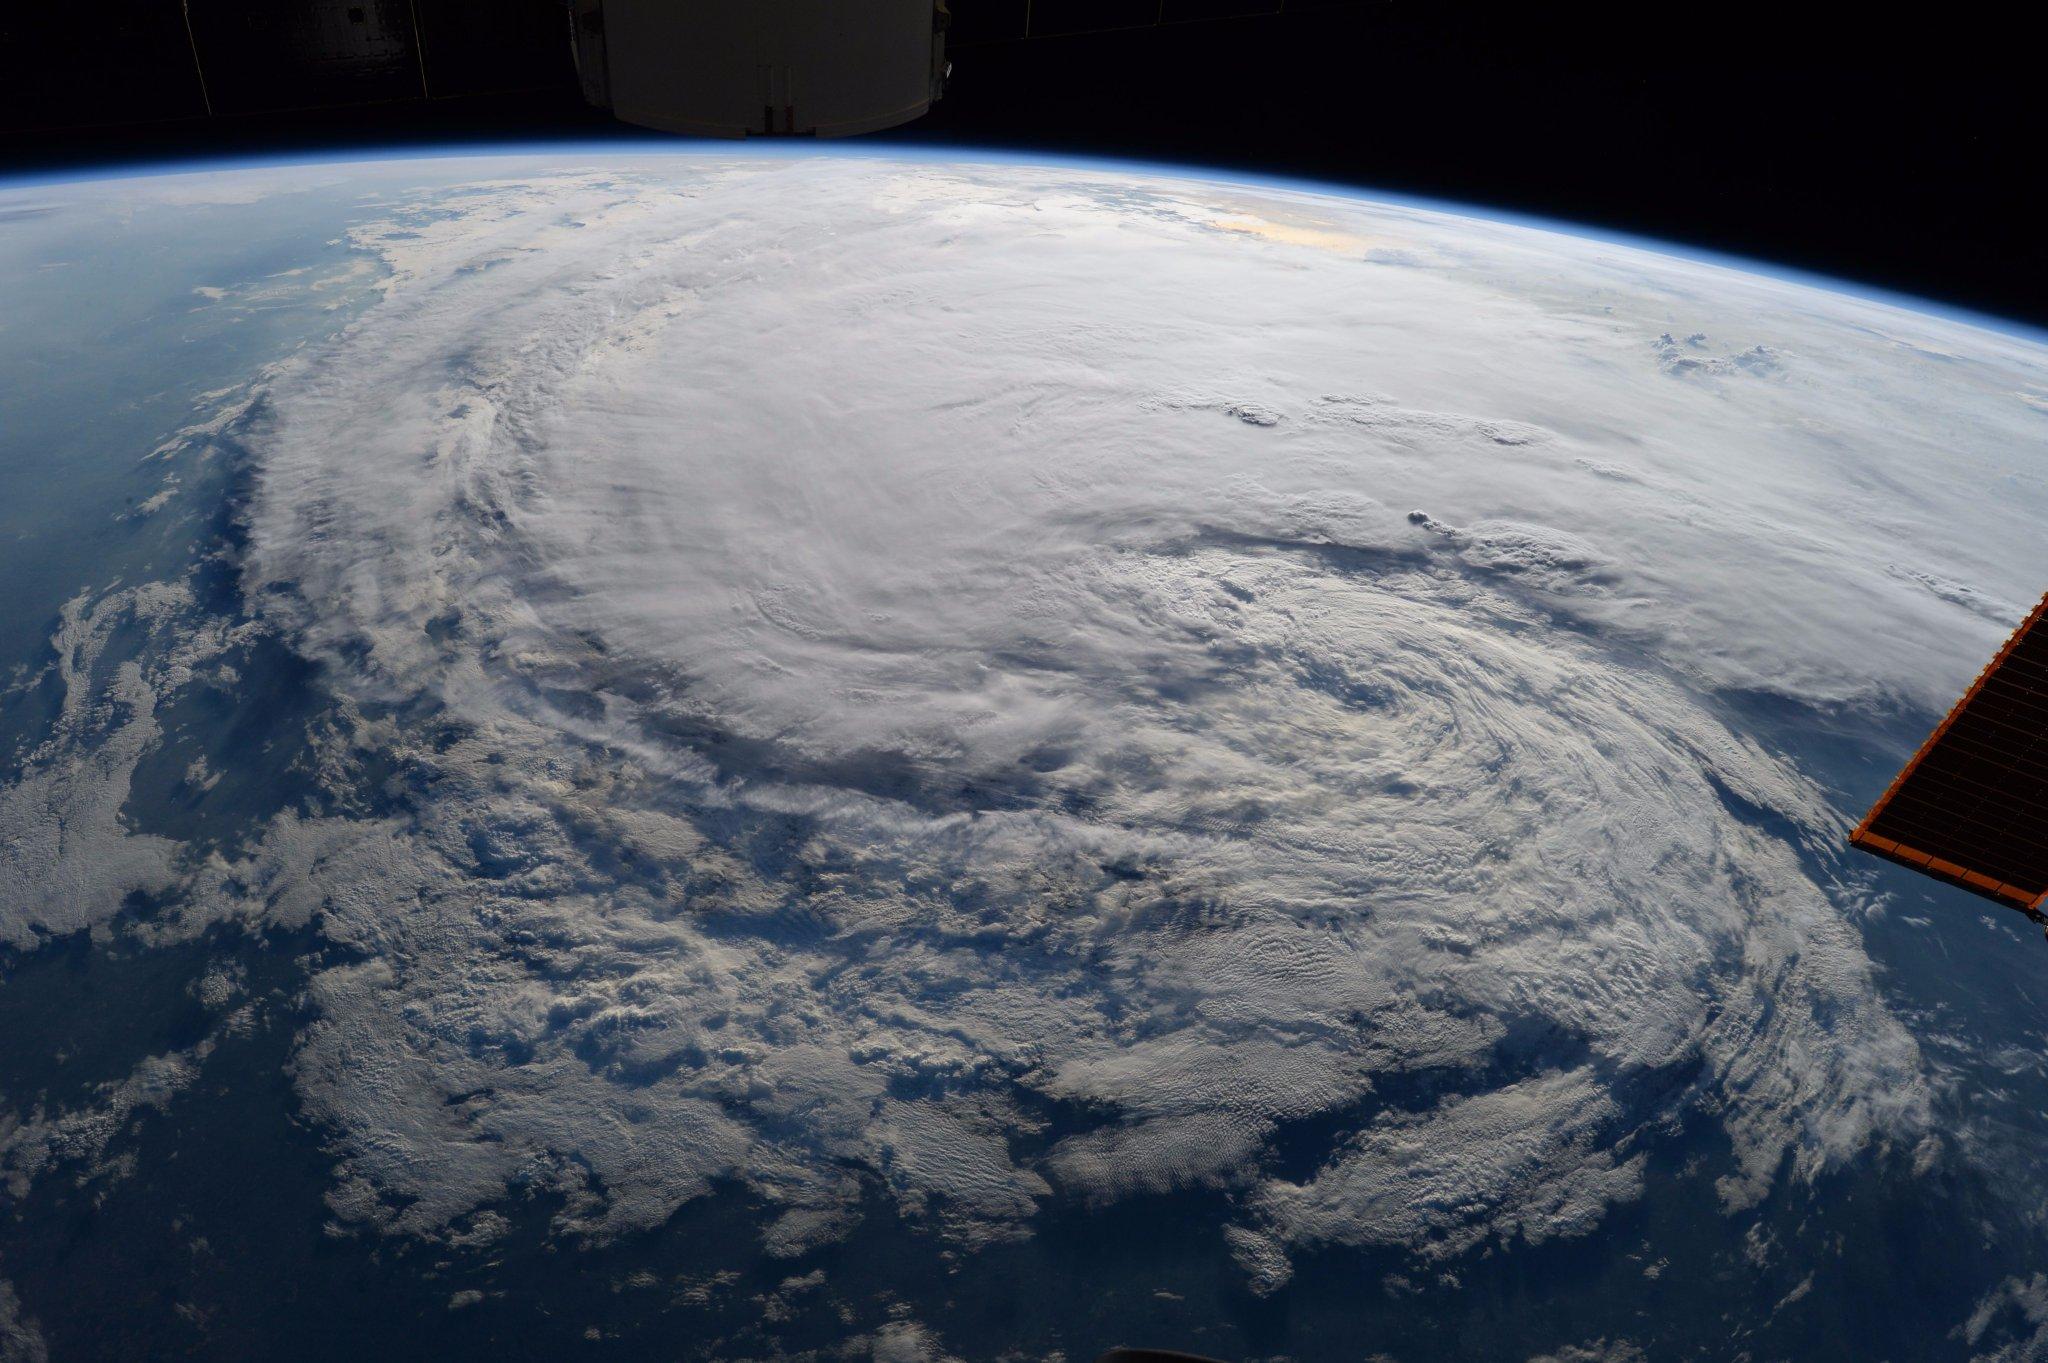 La vista del huracán Harvey desde la Estación Espacial Internacional.